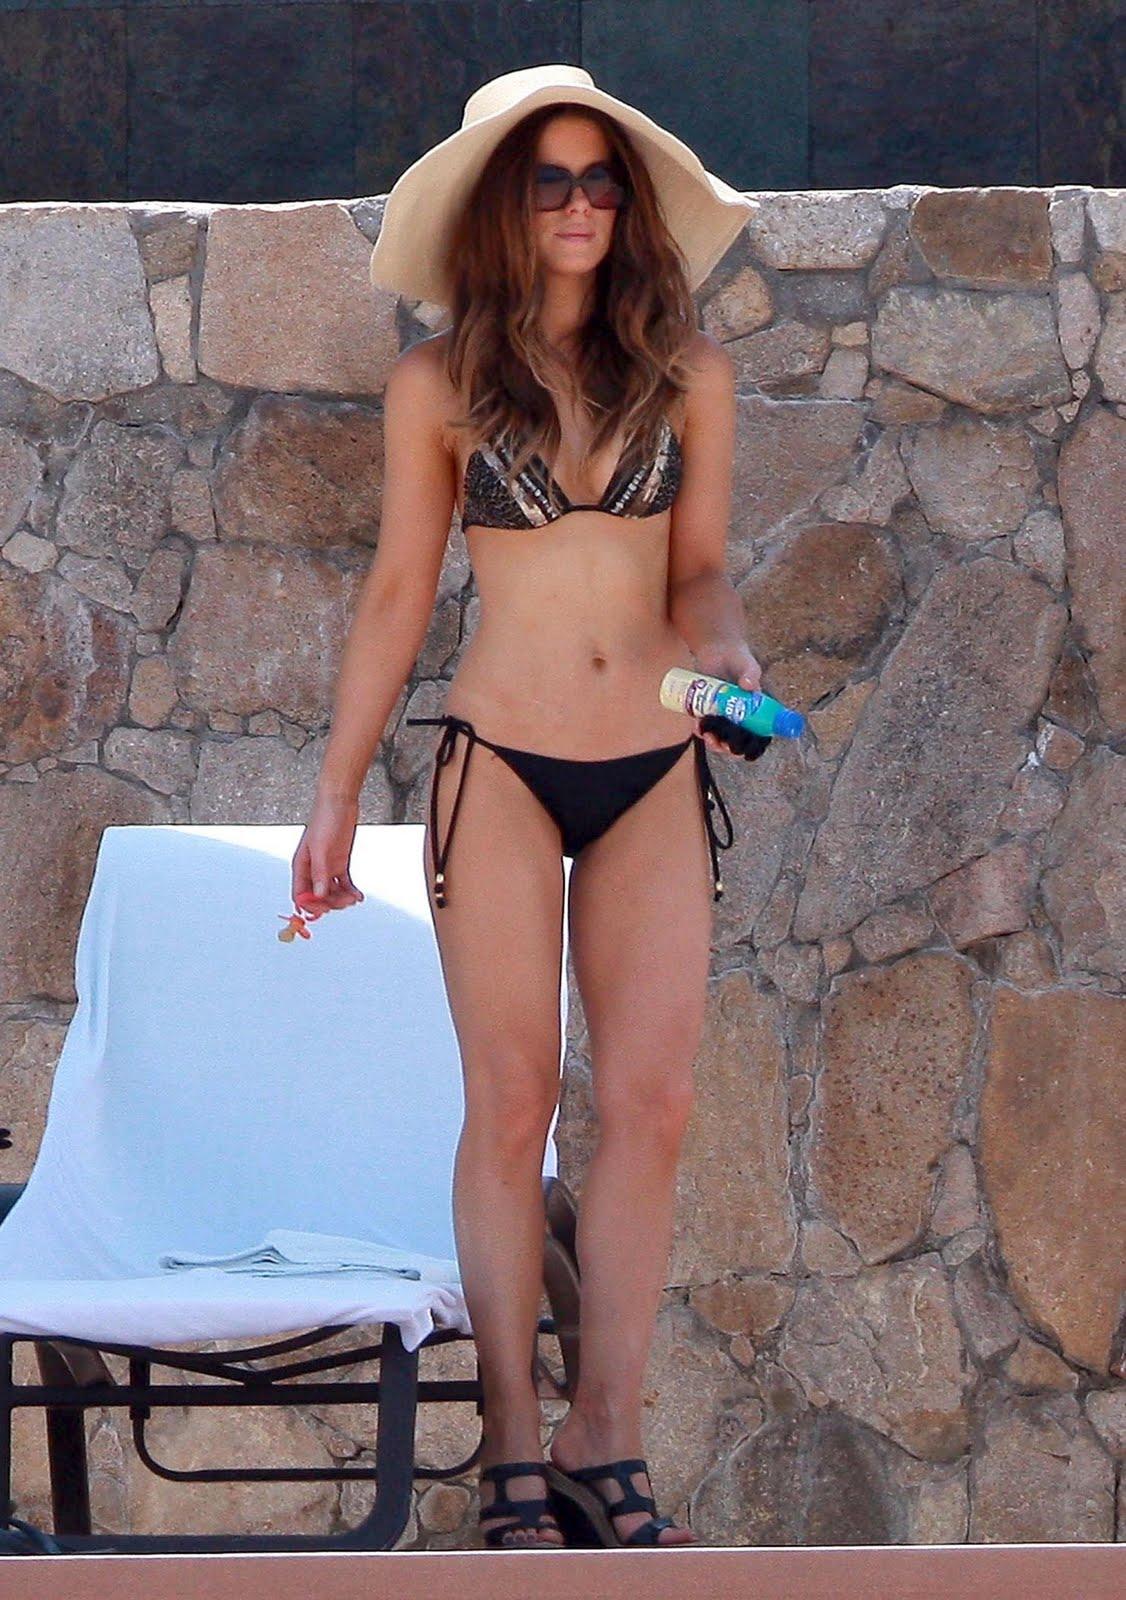 http://1.bp.blogspot.com/_9pqQRmXRkLs/TITqXEbSb6I/AAAAAAAAApI/sooTAFZ5wBA/s1600/Kate_Beckinsale_Bikini-2.jpg